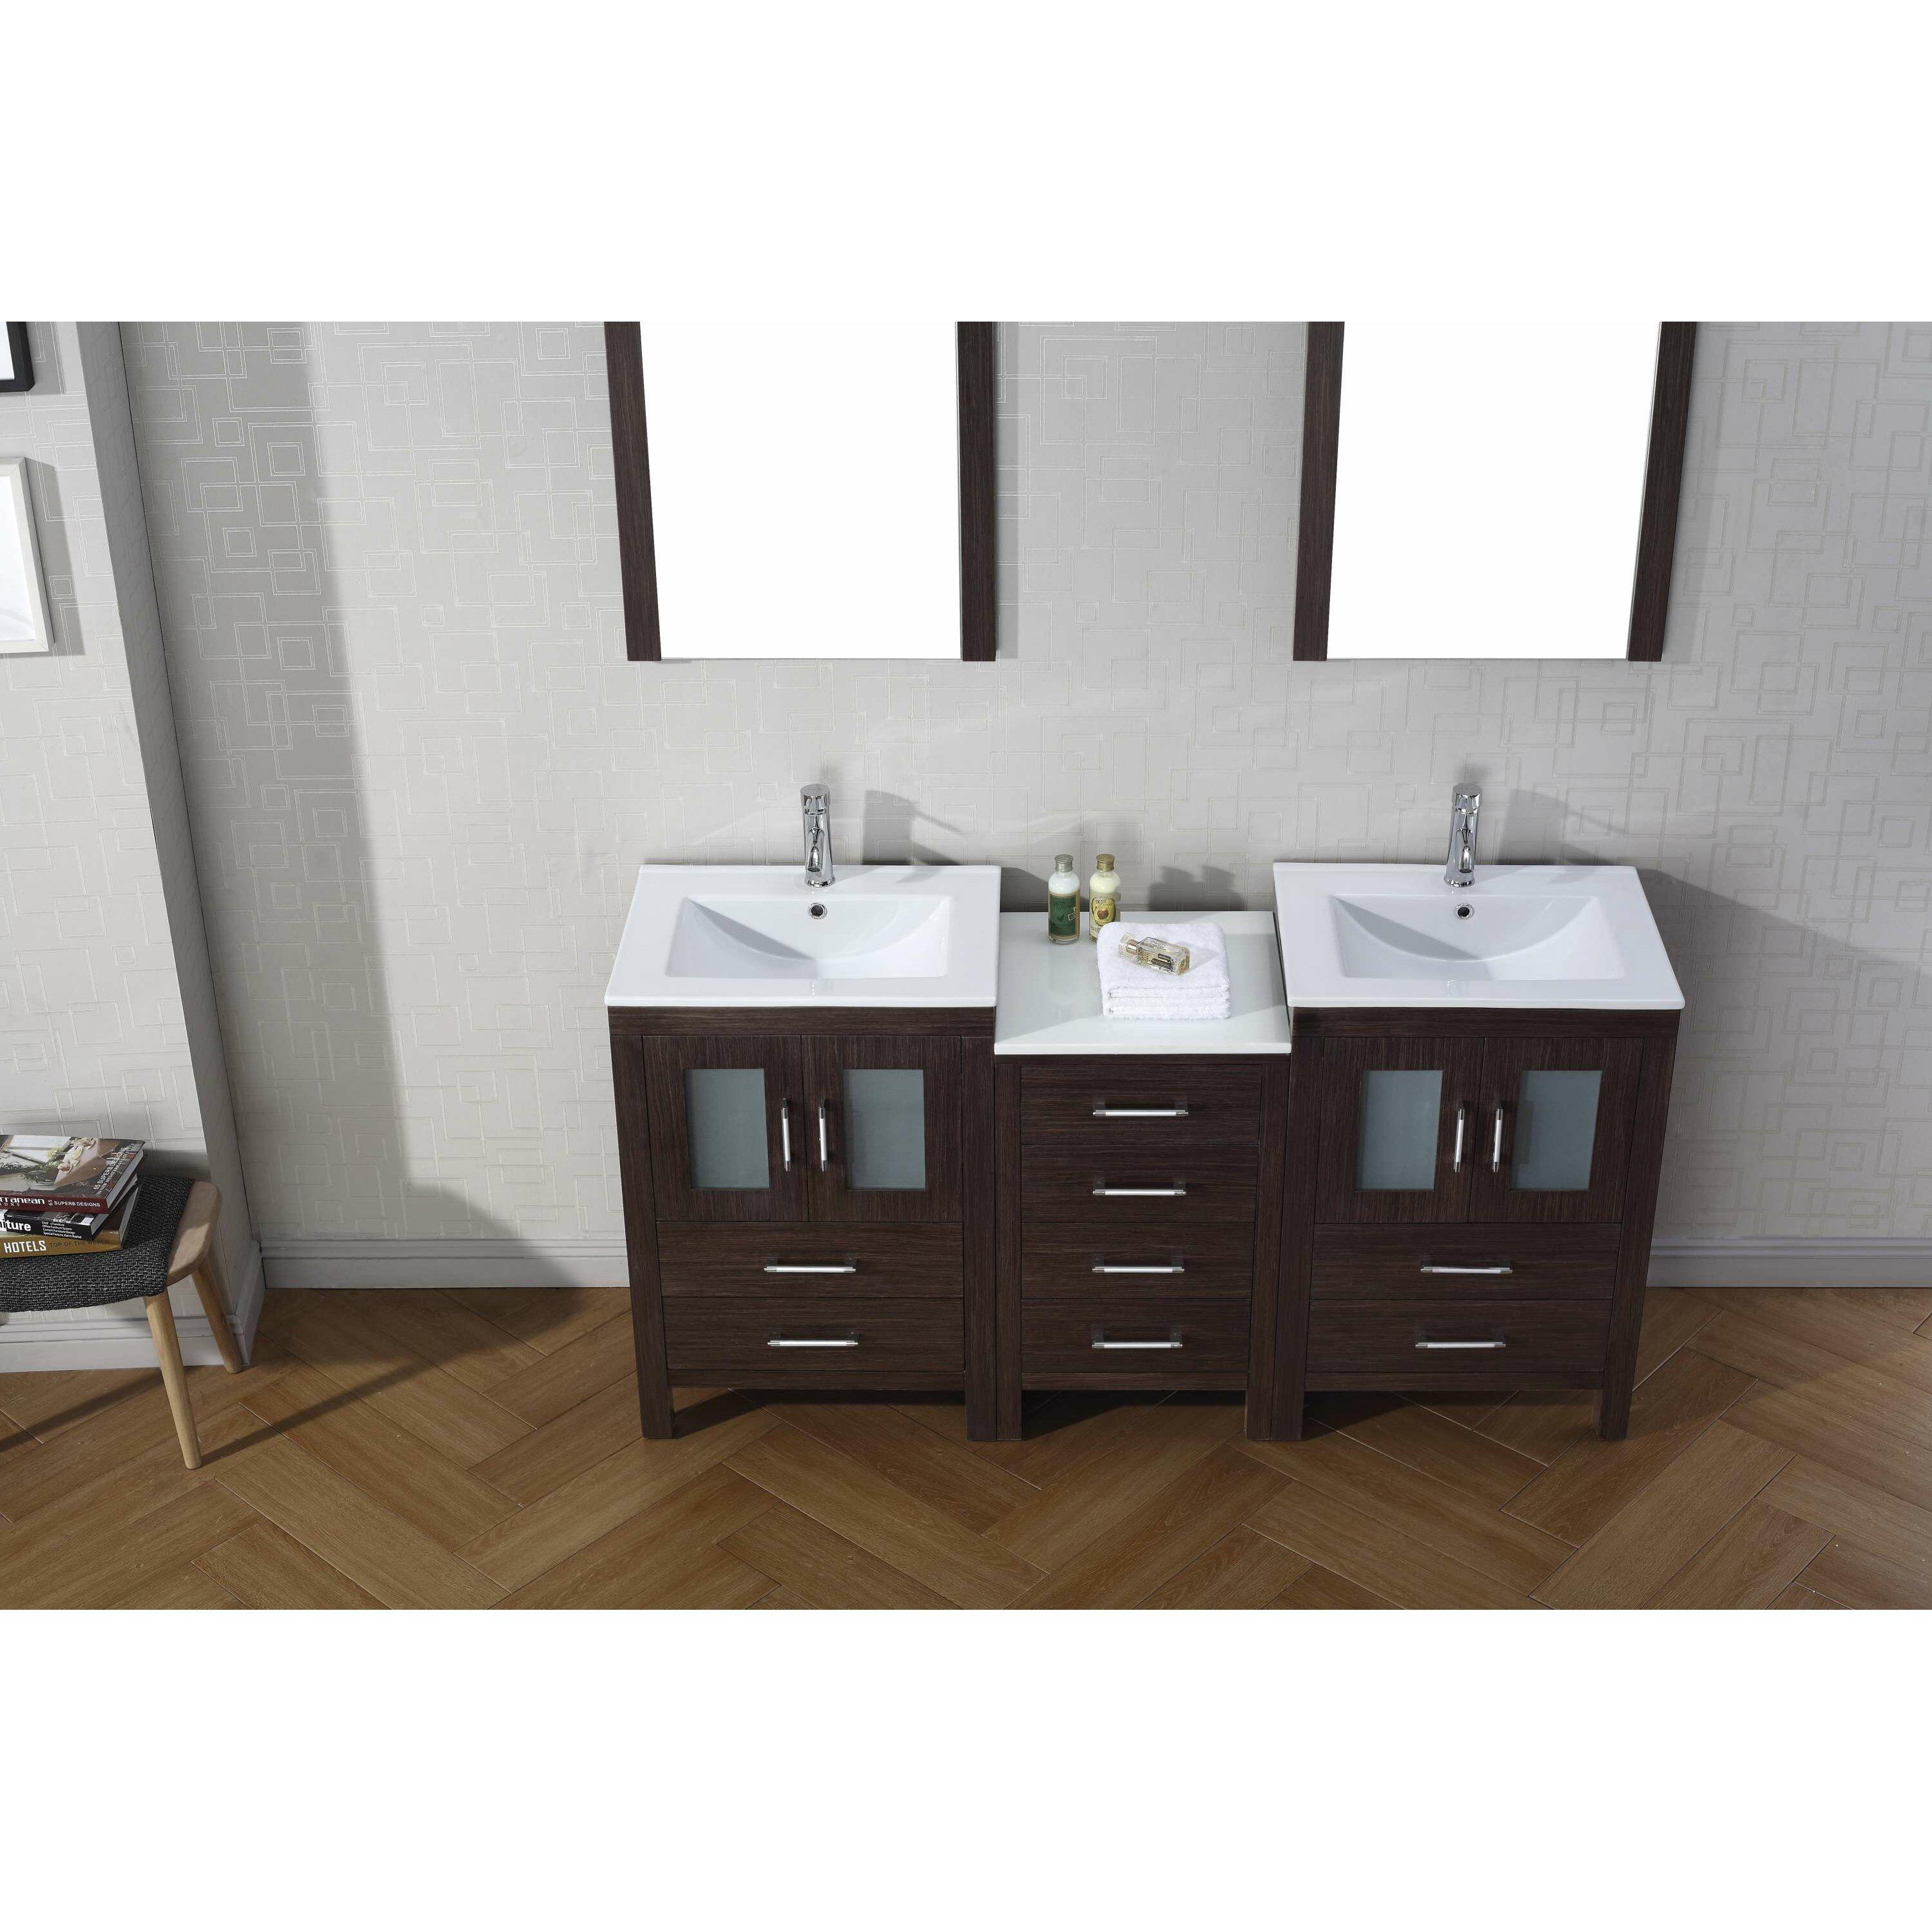 Virtu Dior 66 Double Bathroom Vanity Set With Mirror Reviews Wayfair